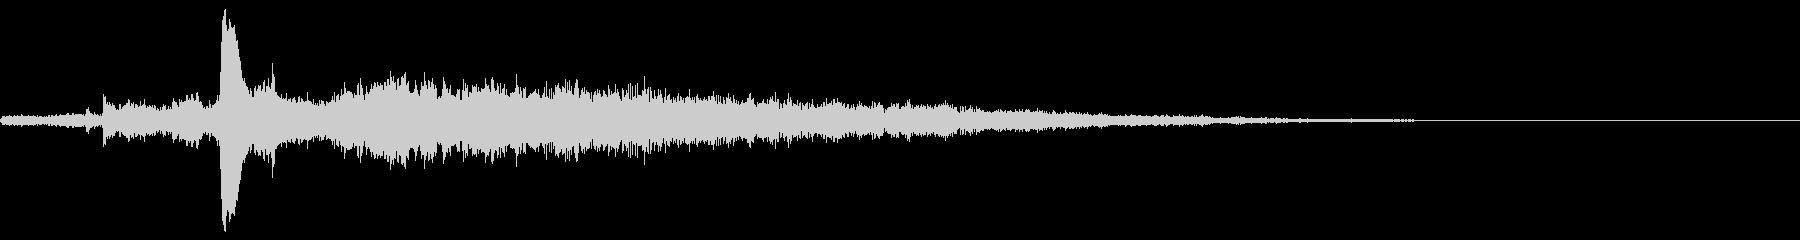 クリック音144神秘的 シリアスの未再生の波形